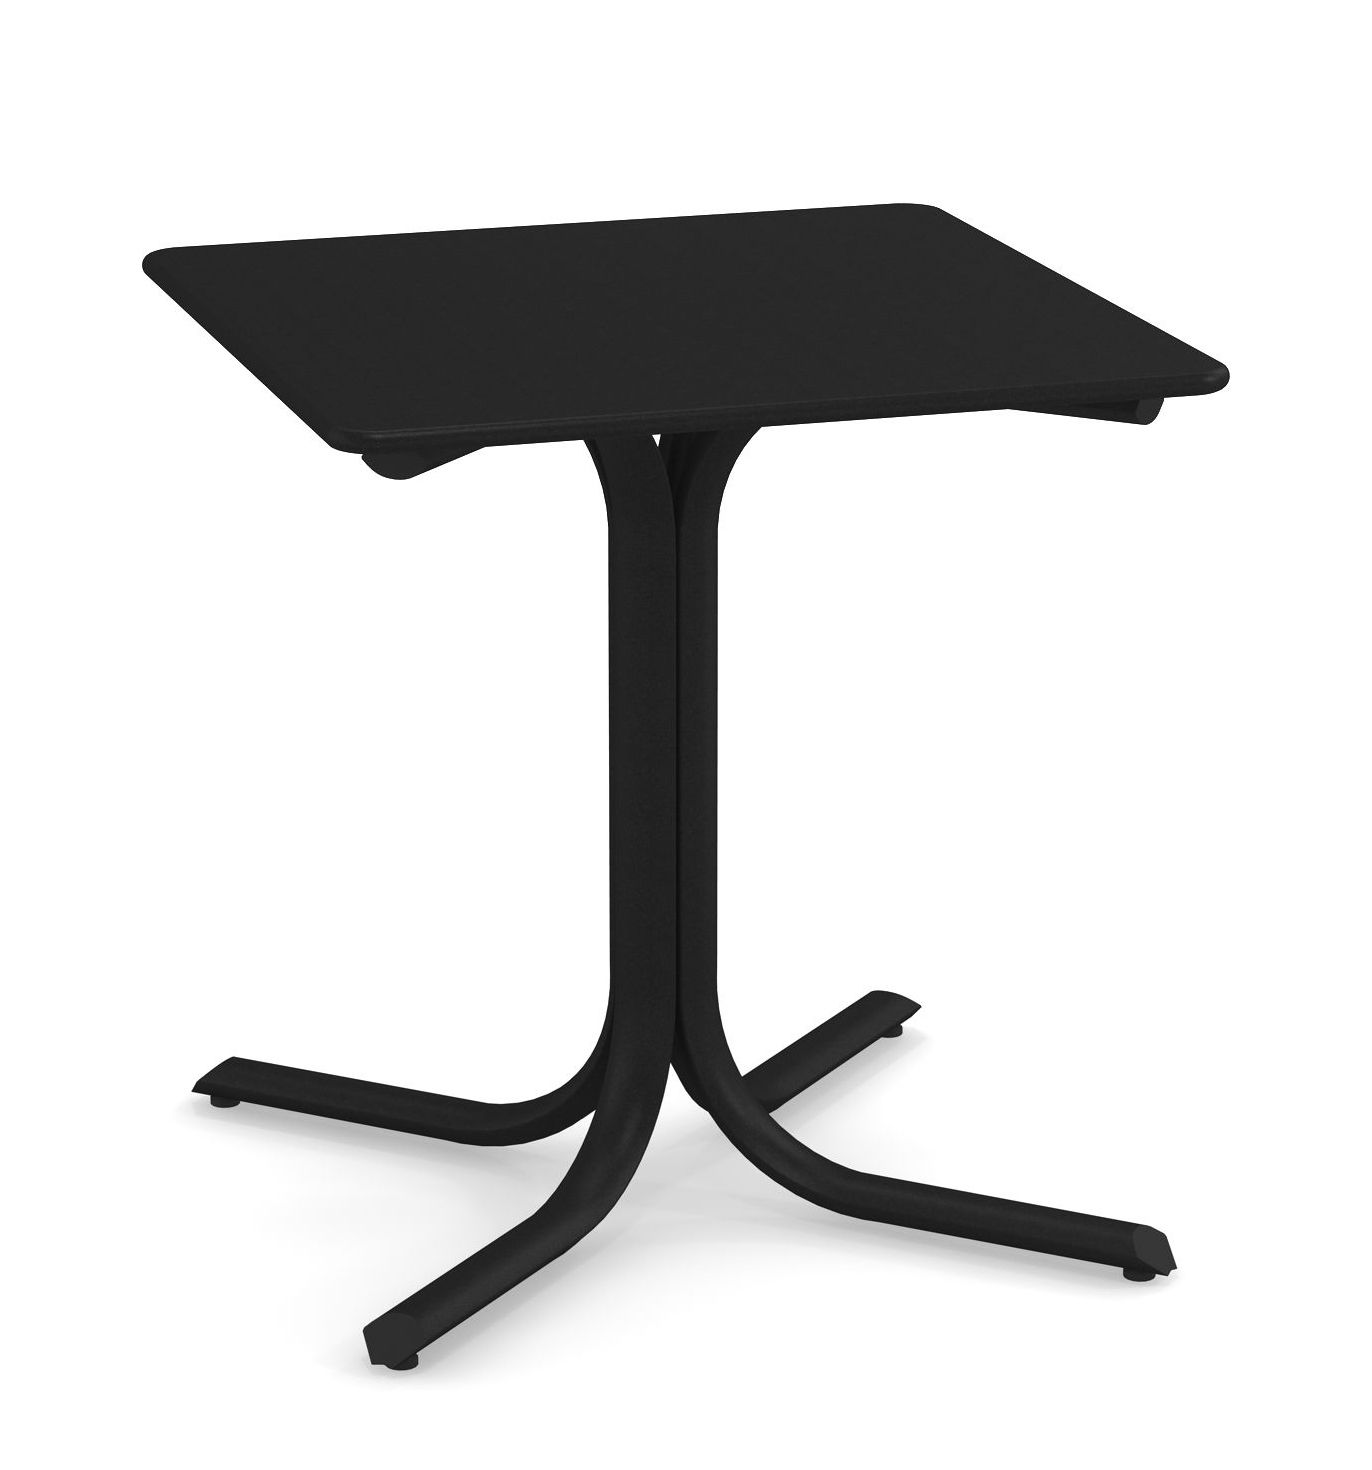 Outdoor - Tische - System quadratischer Tisch / 70 x 70 cm - Emu - Schwarz - Acier peint galvanisé